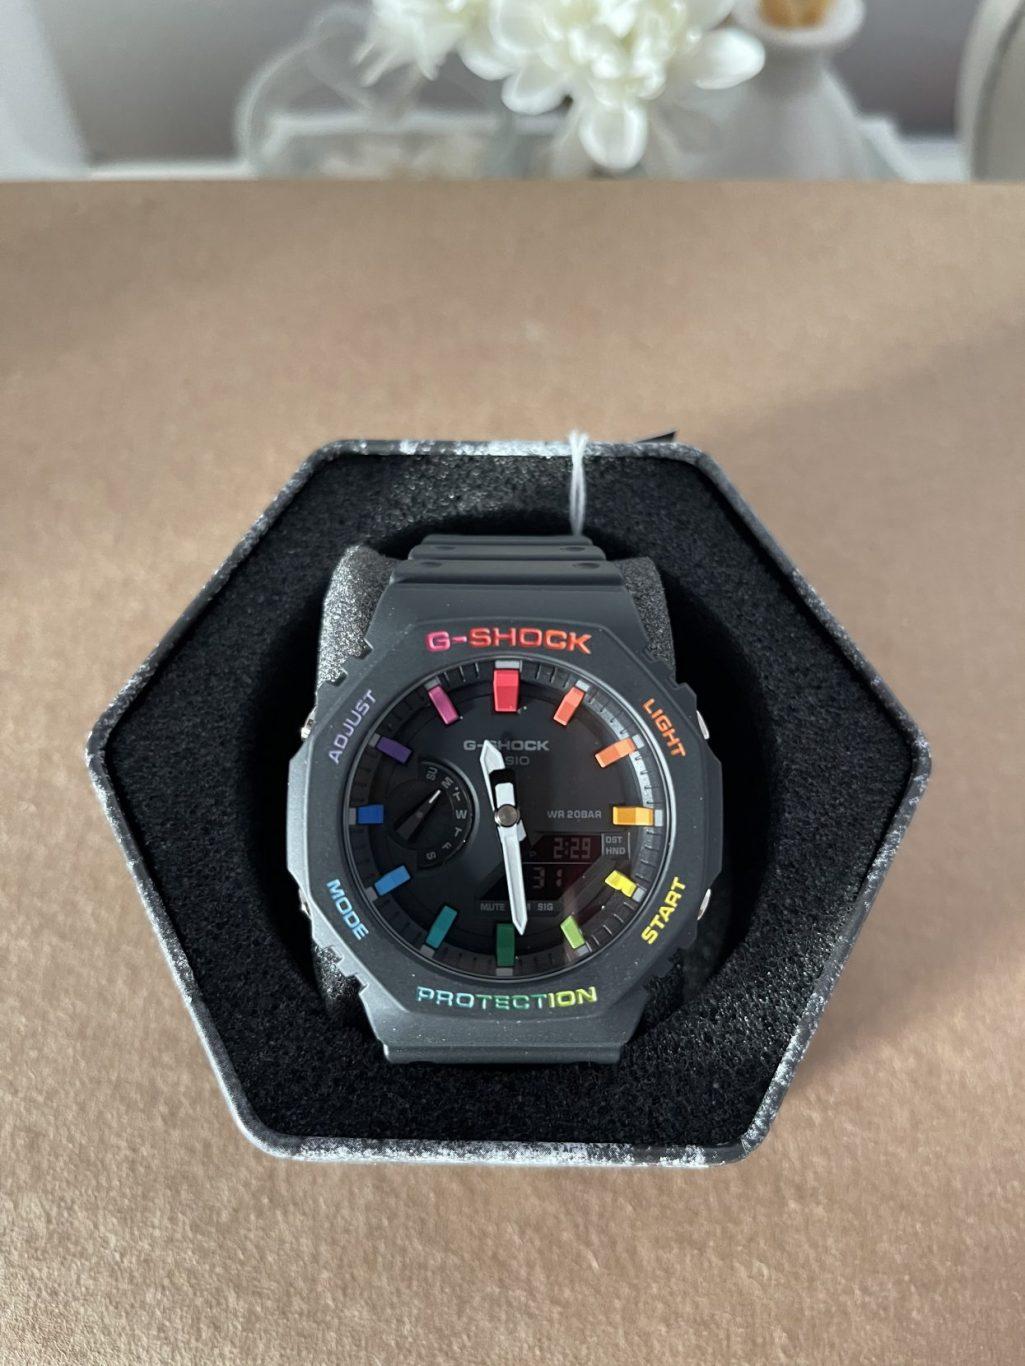 G-Shock royal oak Rainbow edition